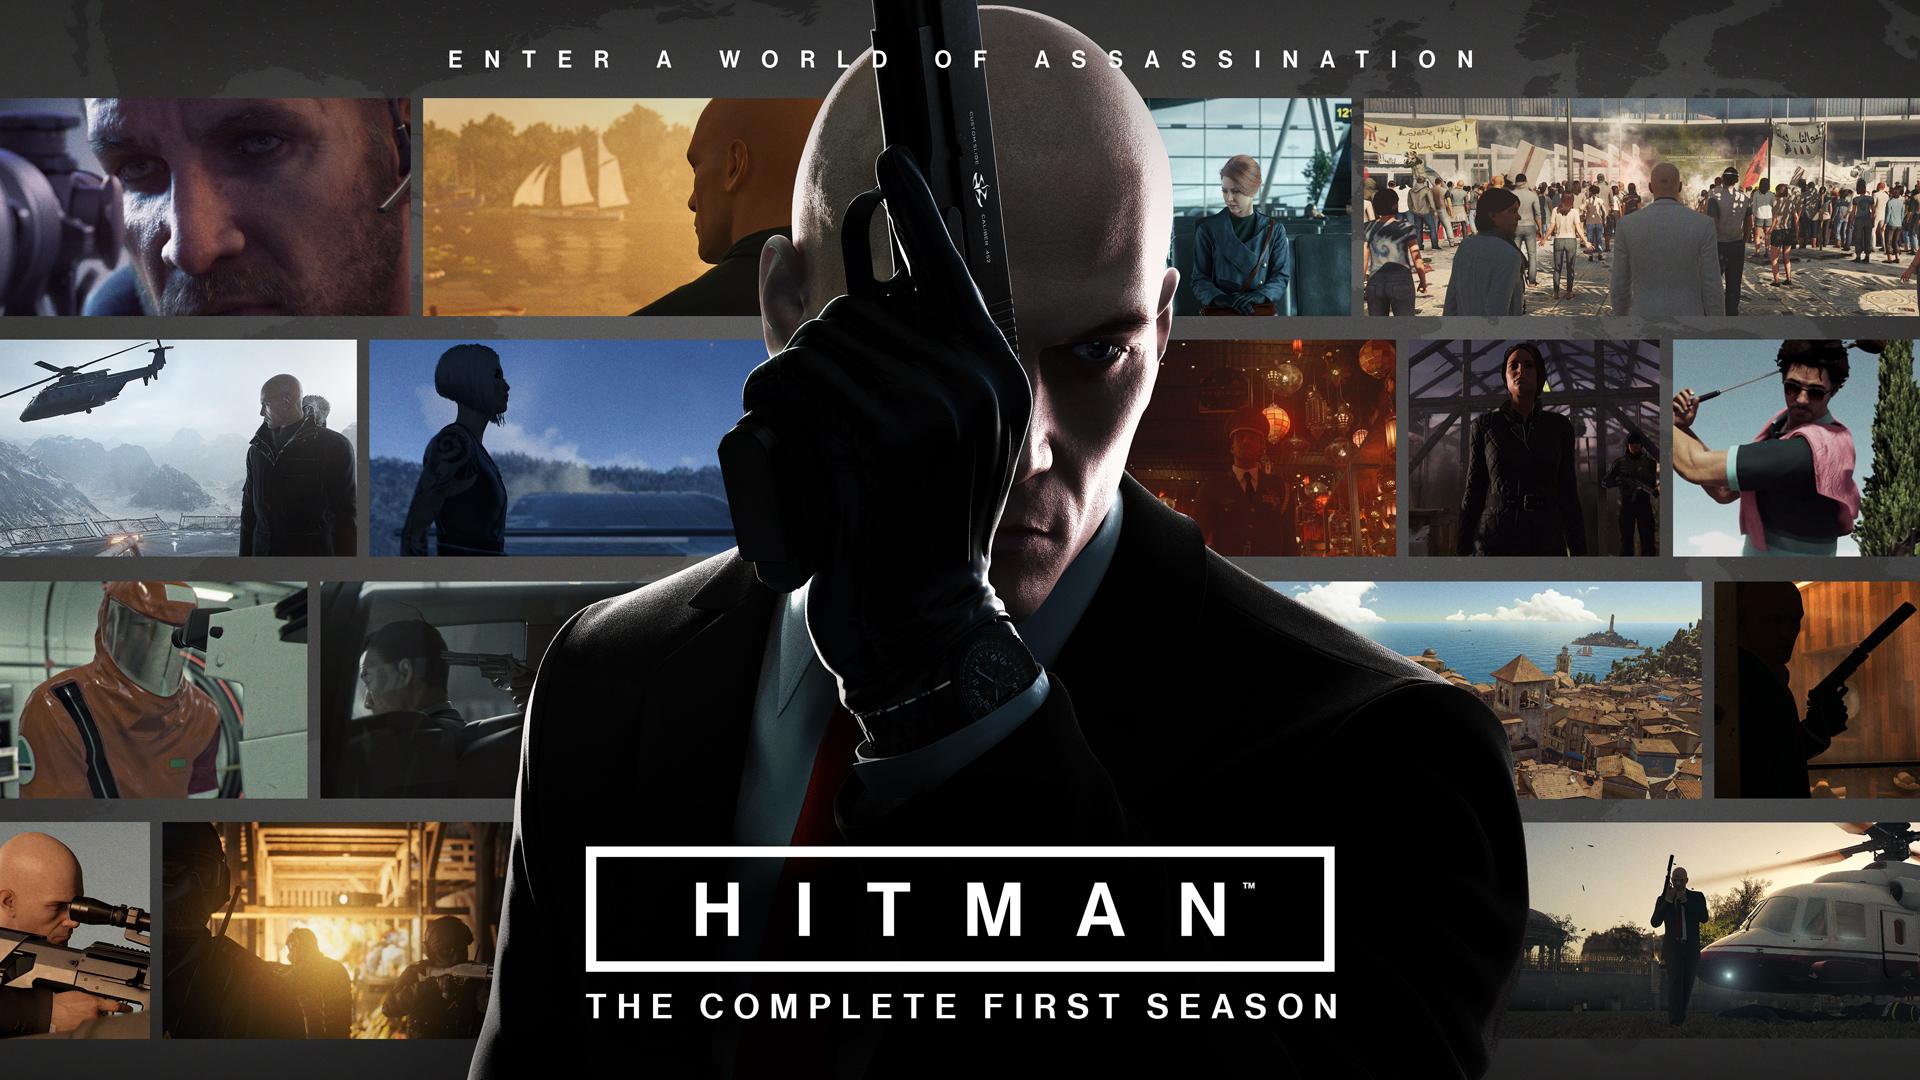 الحلقة الاخيرة من لعبة Hitman اصبحت متوفرة الان!